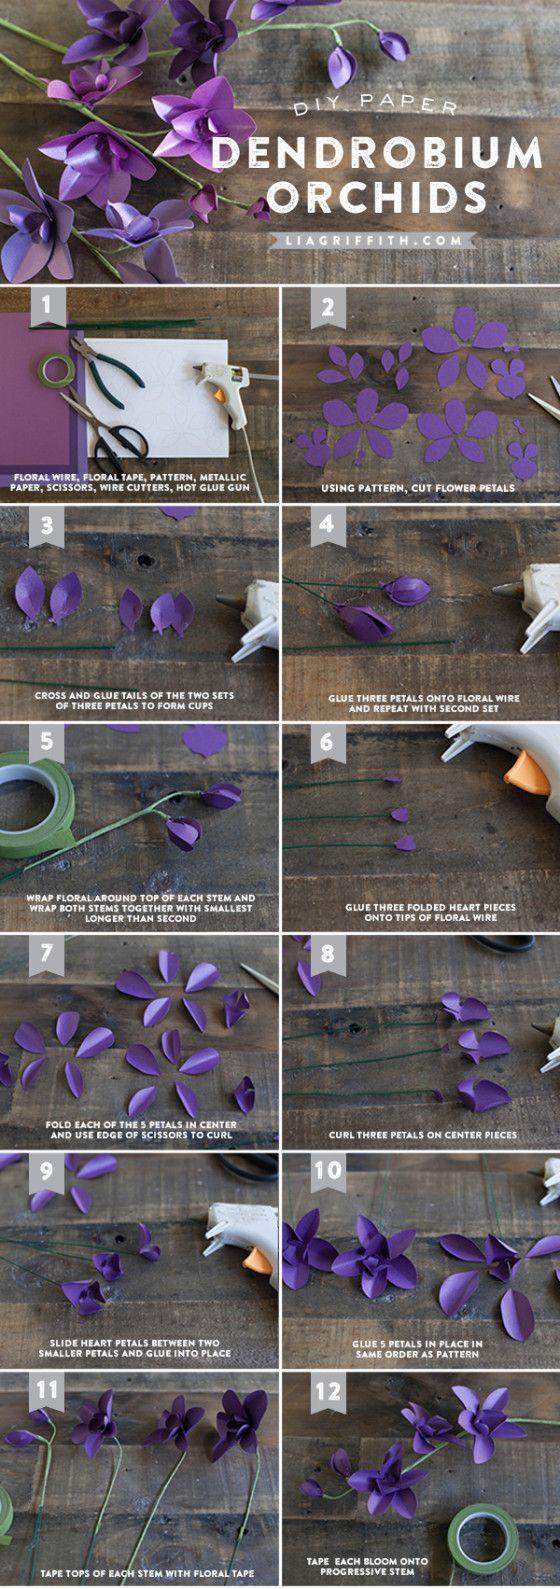 DIY Metallic Paper Dendrobium Orchids